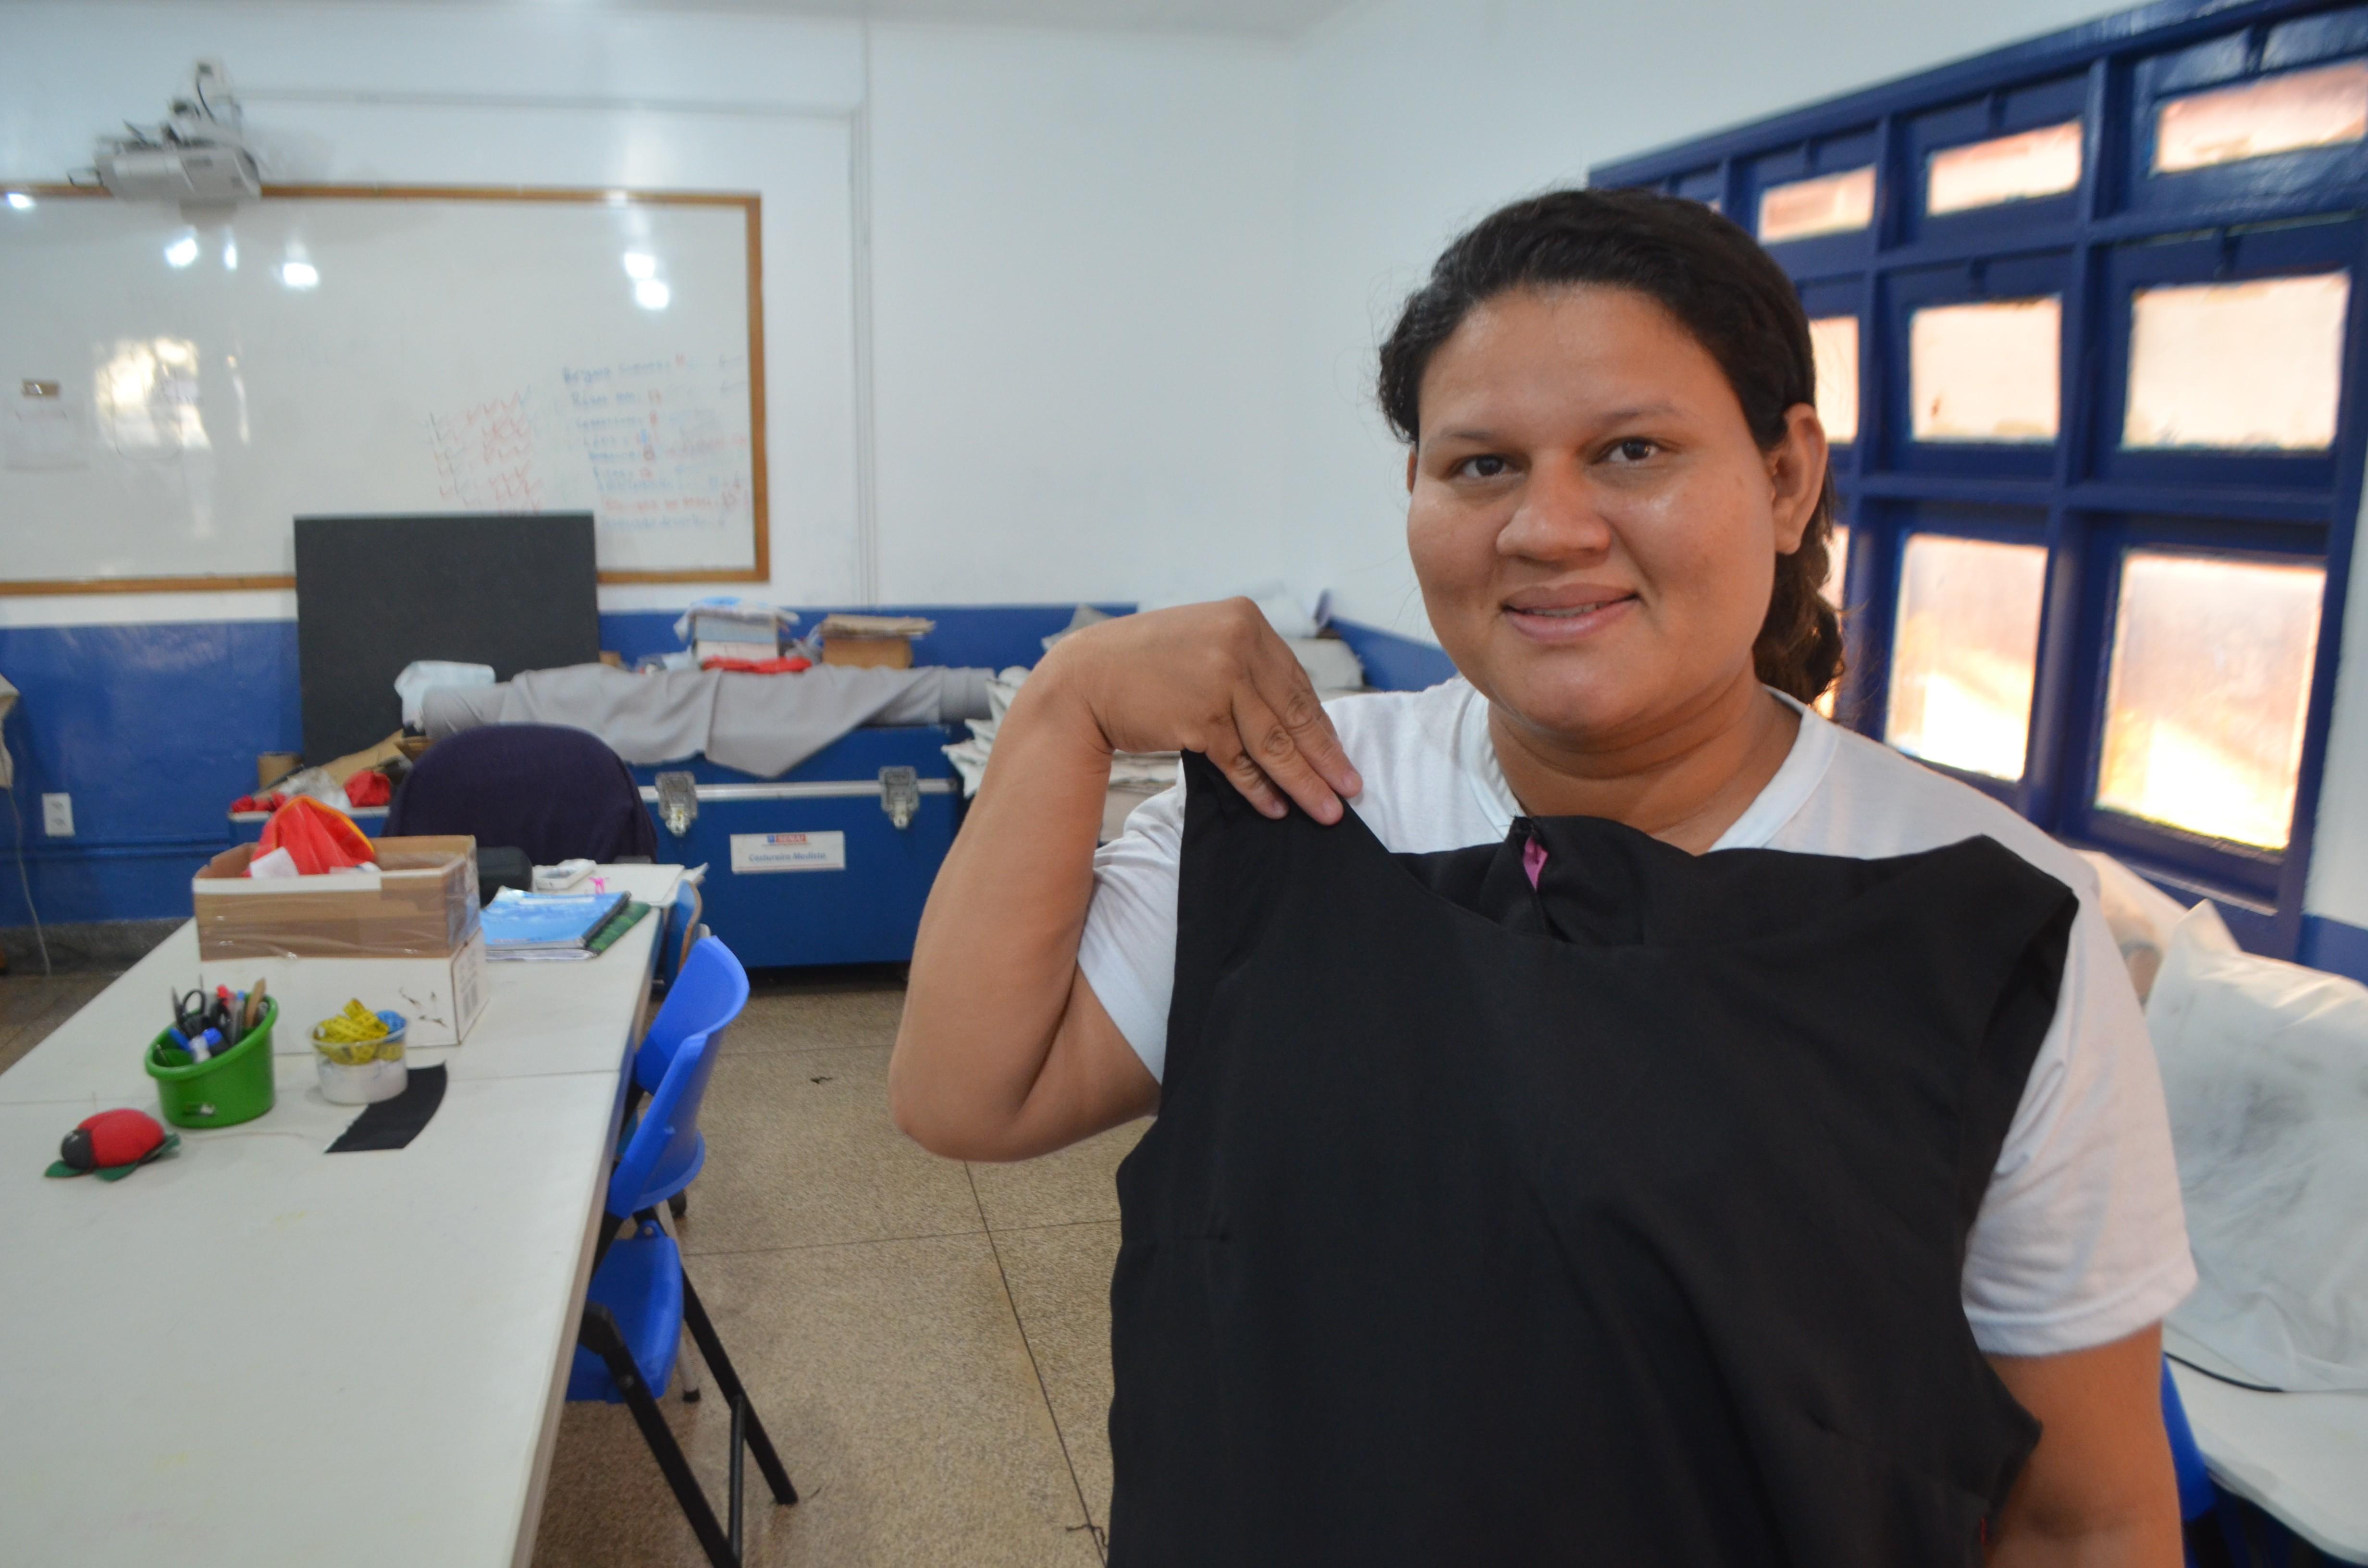 'Tive que agarrar a oportunidade', diz desempregada há 3 anos que faz curso de modista costureira - Notícias - Plantão Diário